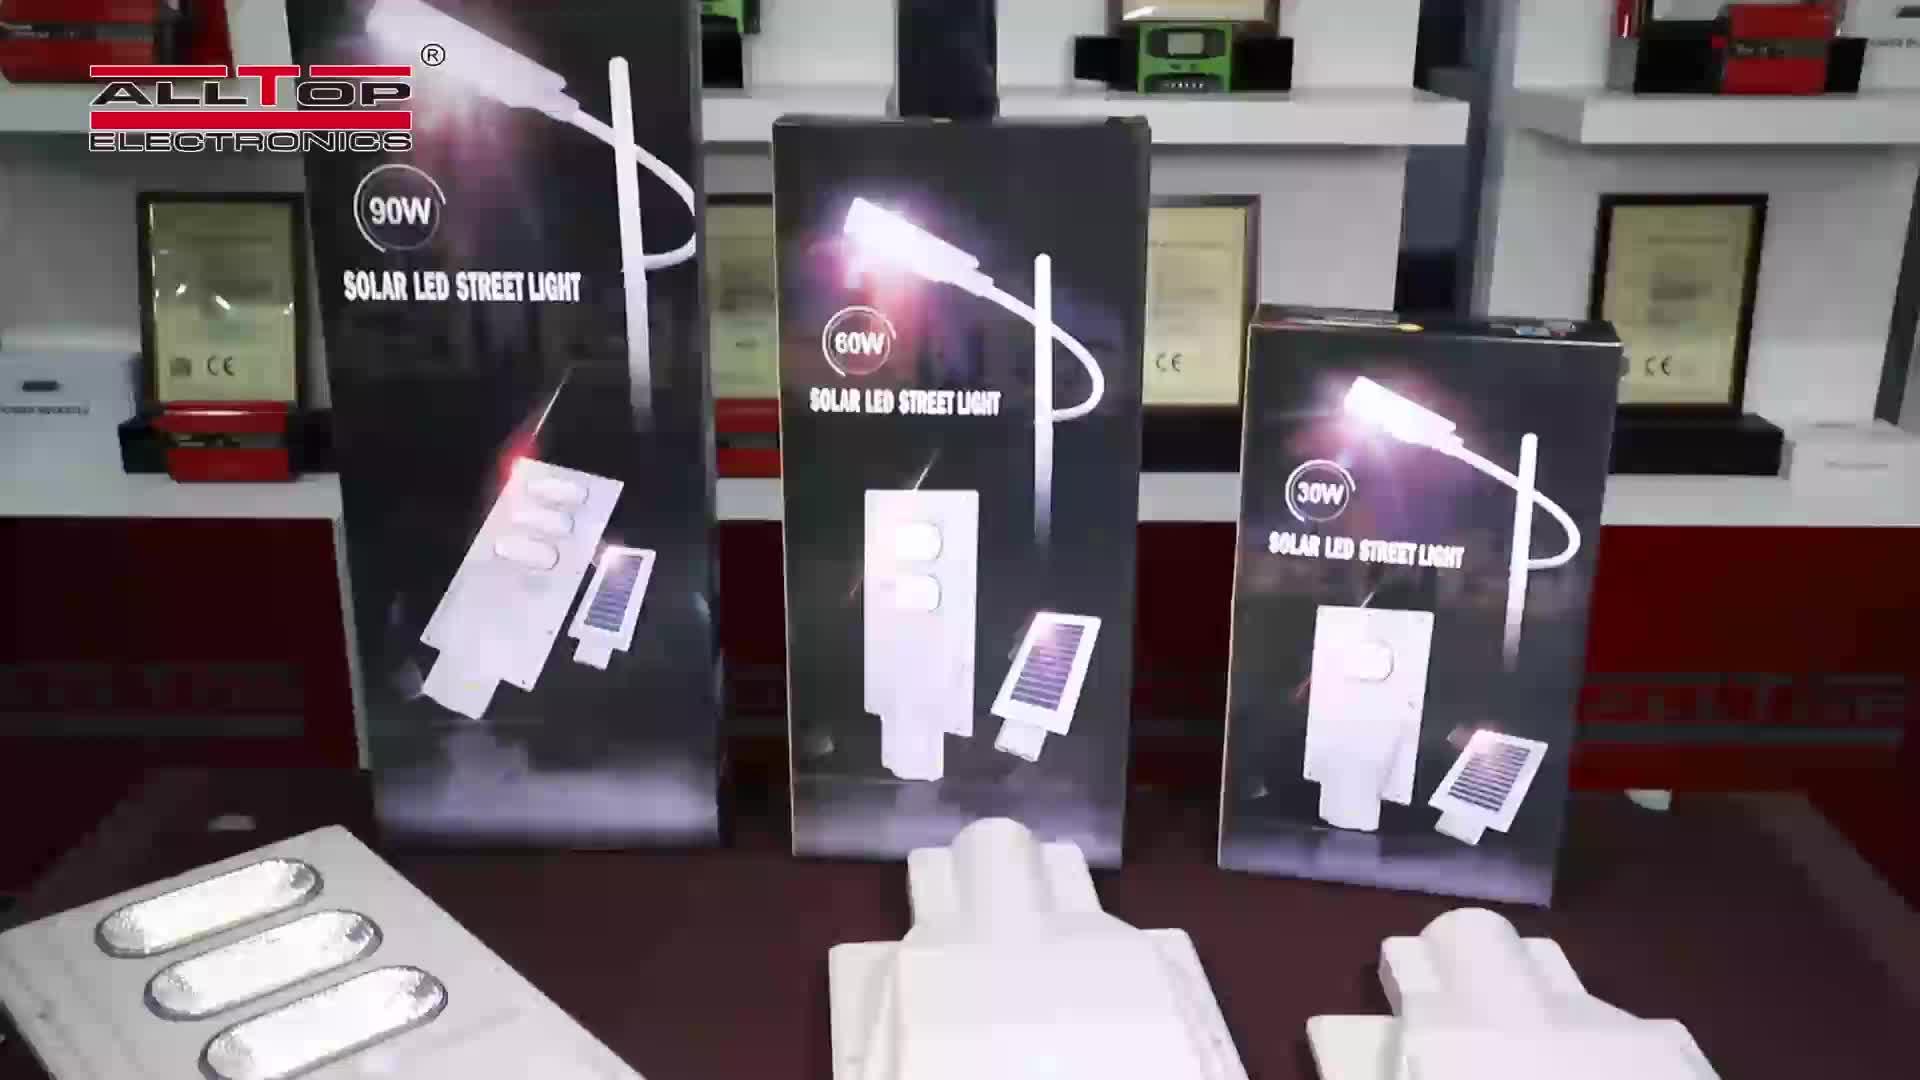 Alltop Outdoor ABS IP65 Tahan Air 30 W 60 W 90 W 120 W 150 W Terintegrasi Semua Dalam Satu Surya lampu Jalan LED